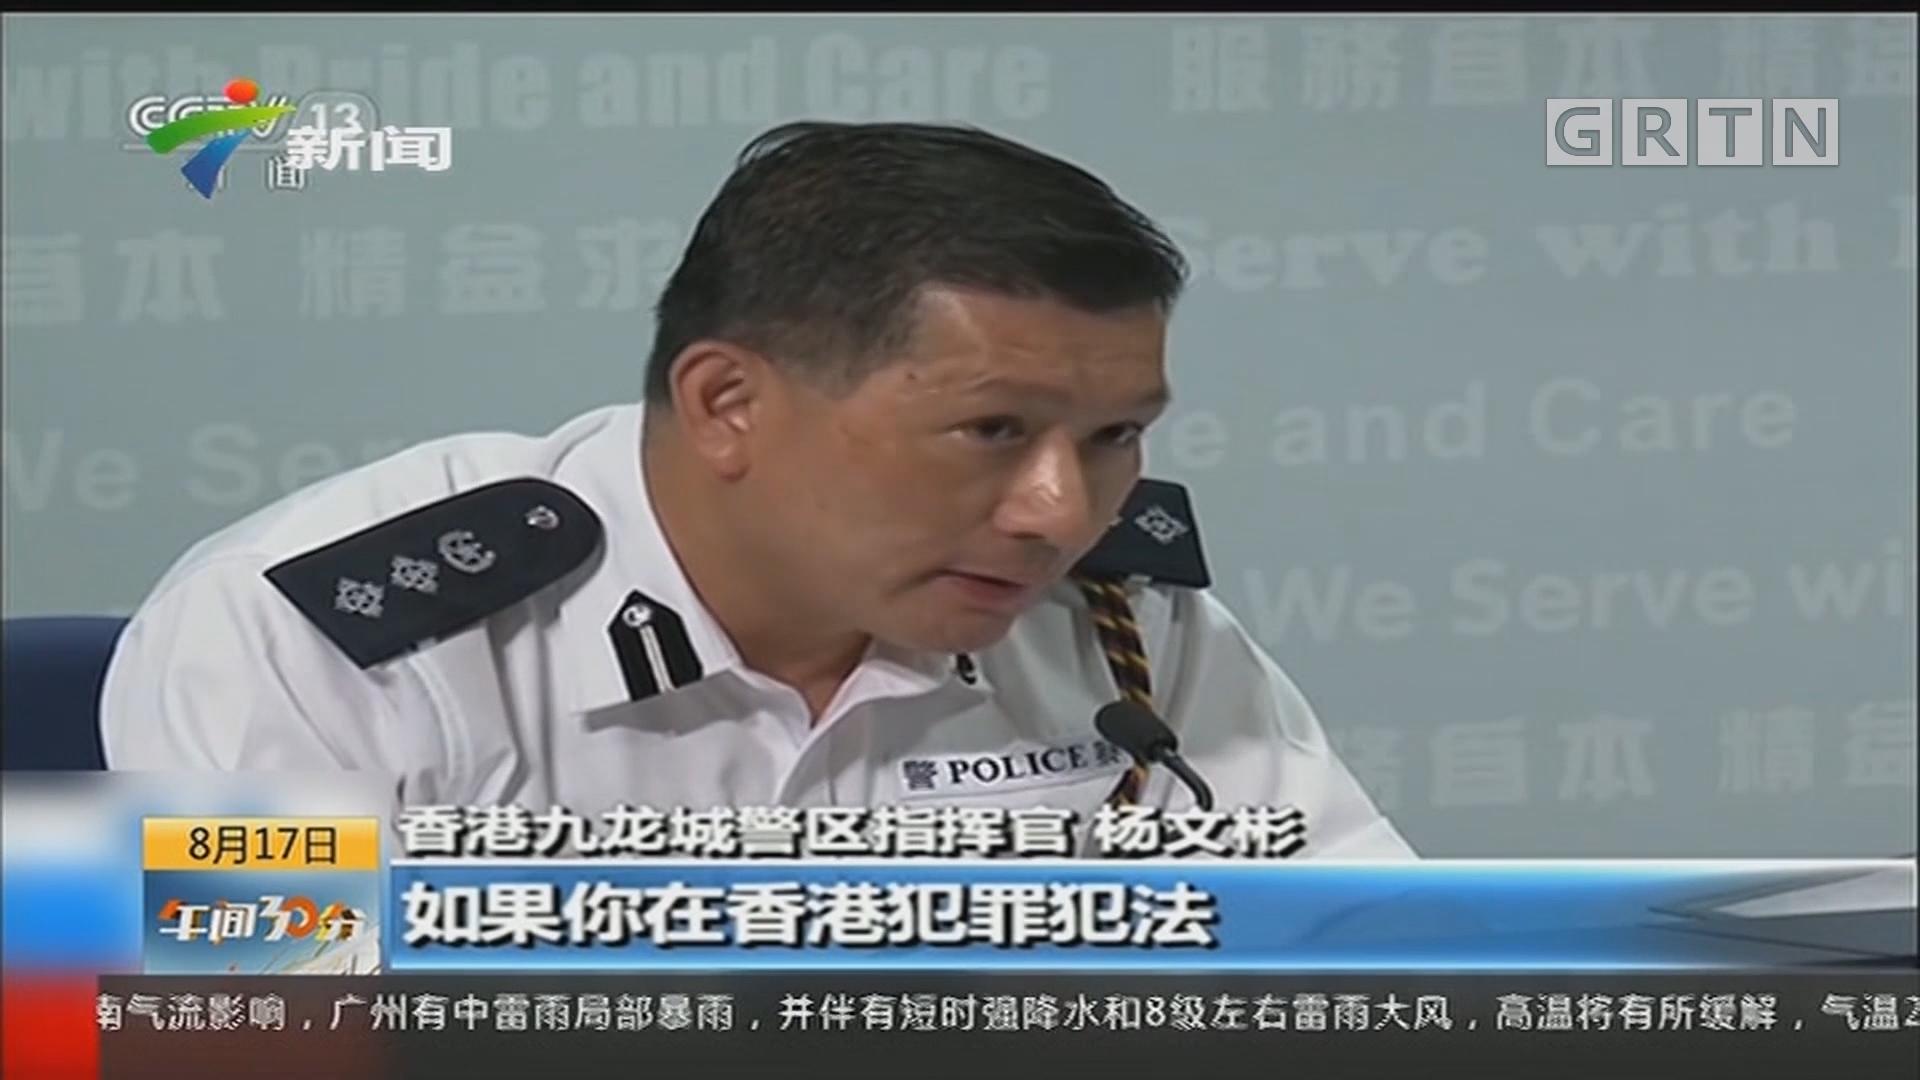 香港警方召开发布会 警方:对违法行为一定追究到底